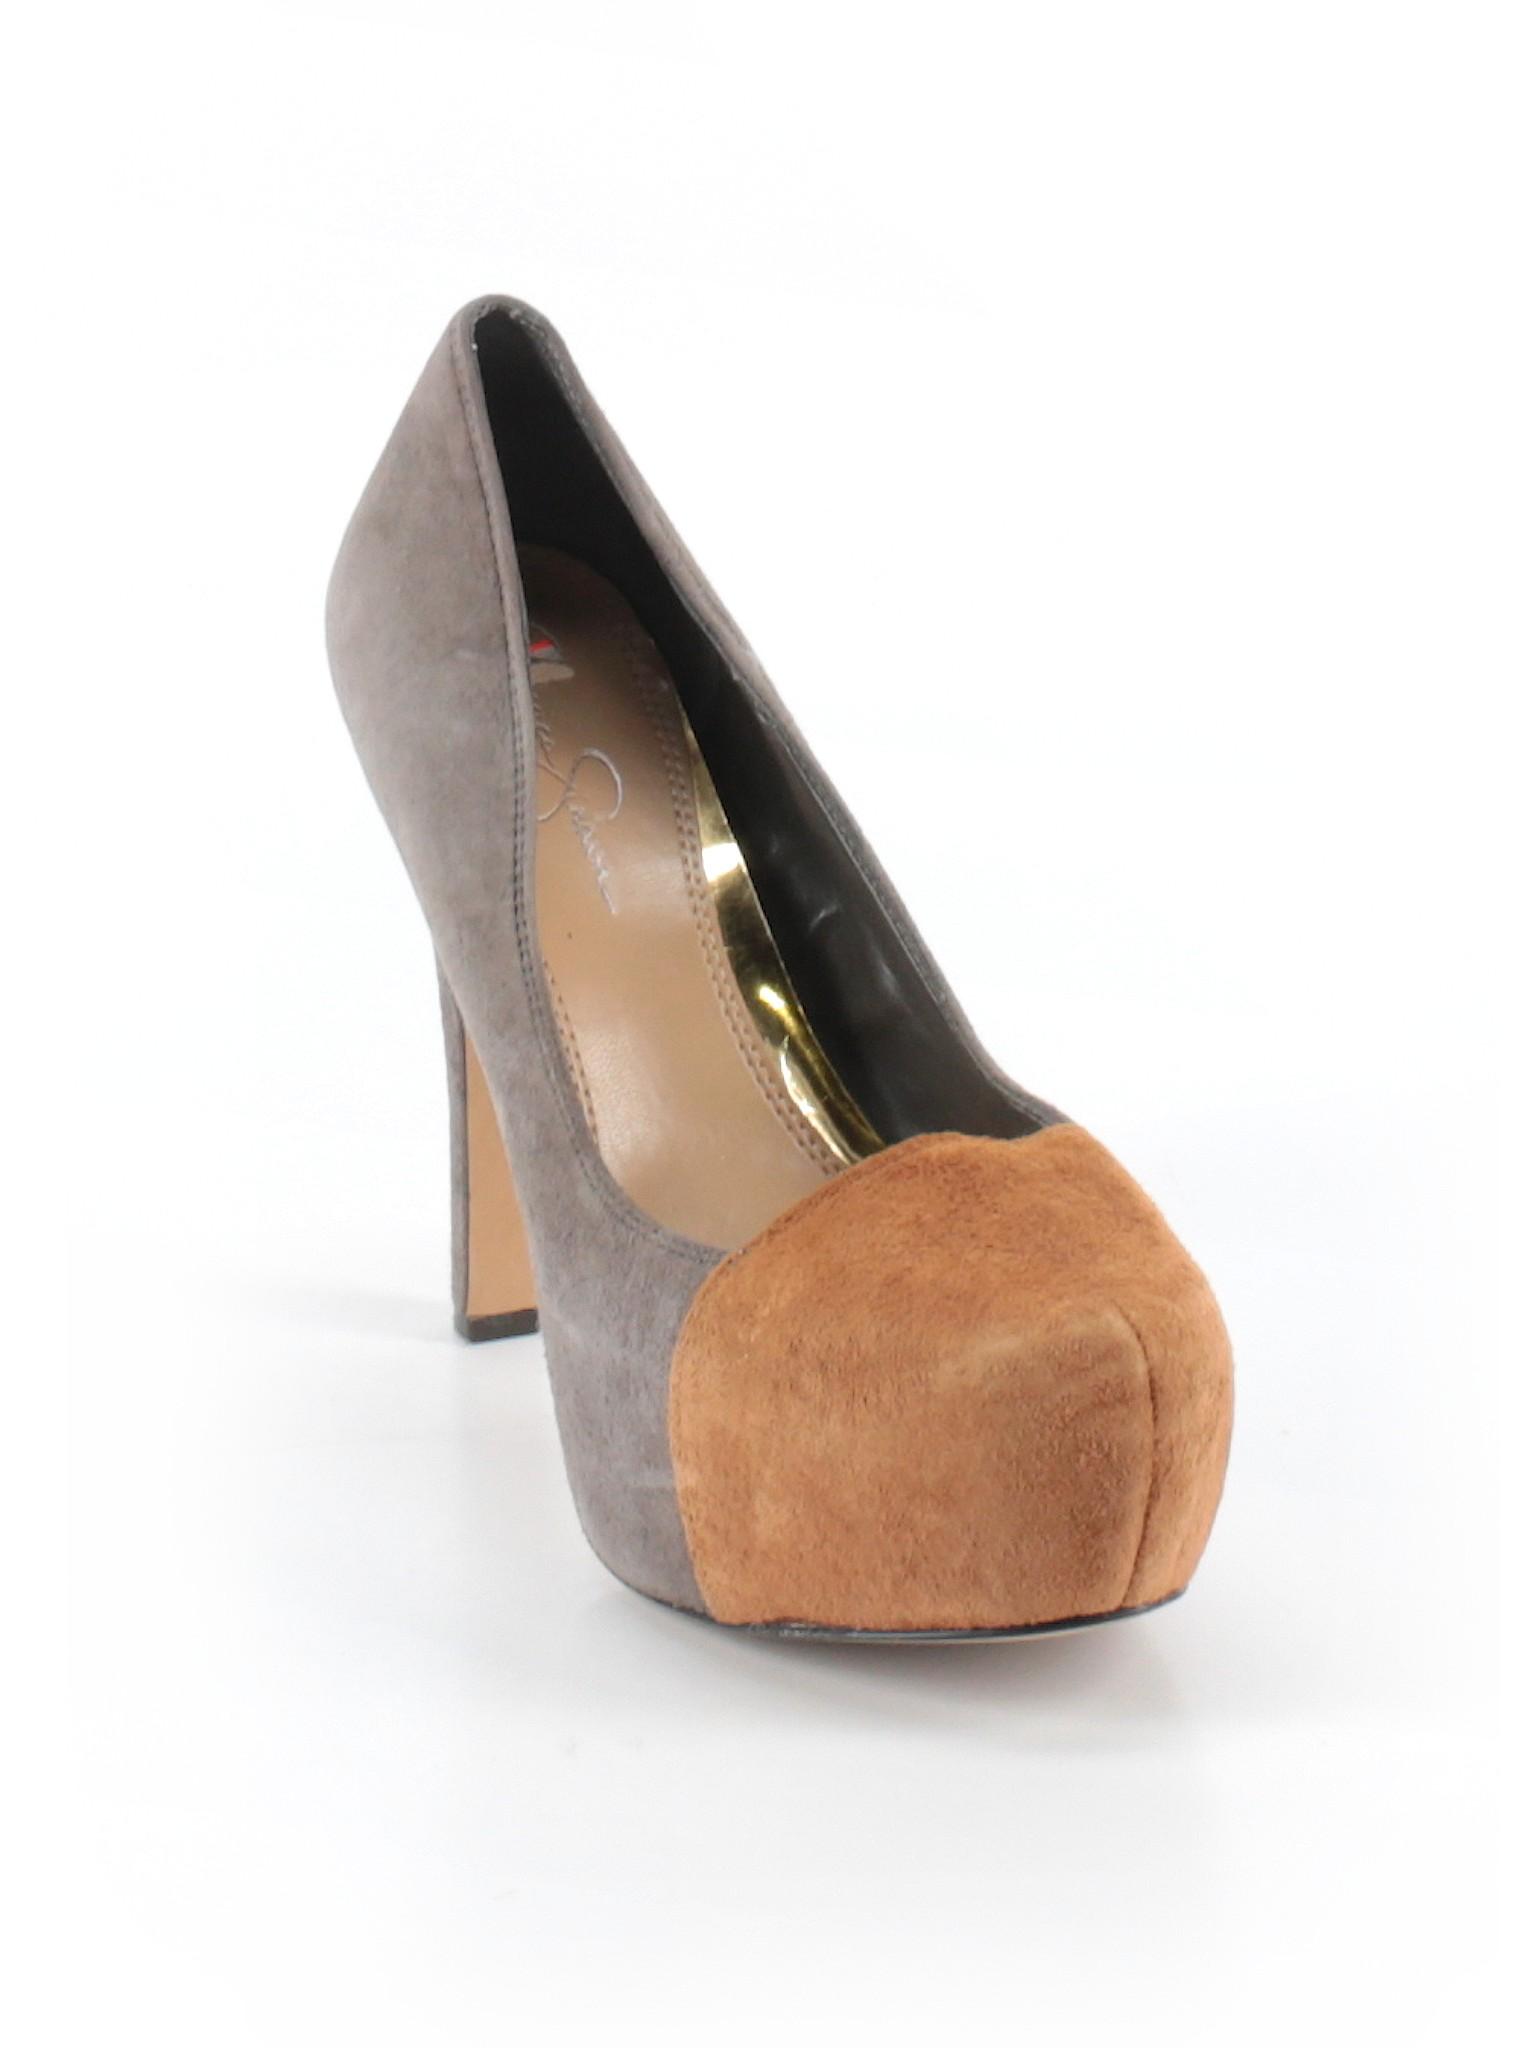 Simpson Boutique Jessica Boutique promotion Heels promotion pwq1CIf50